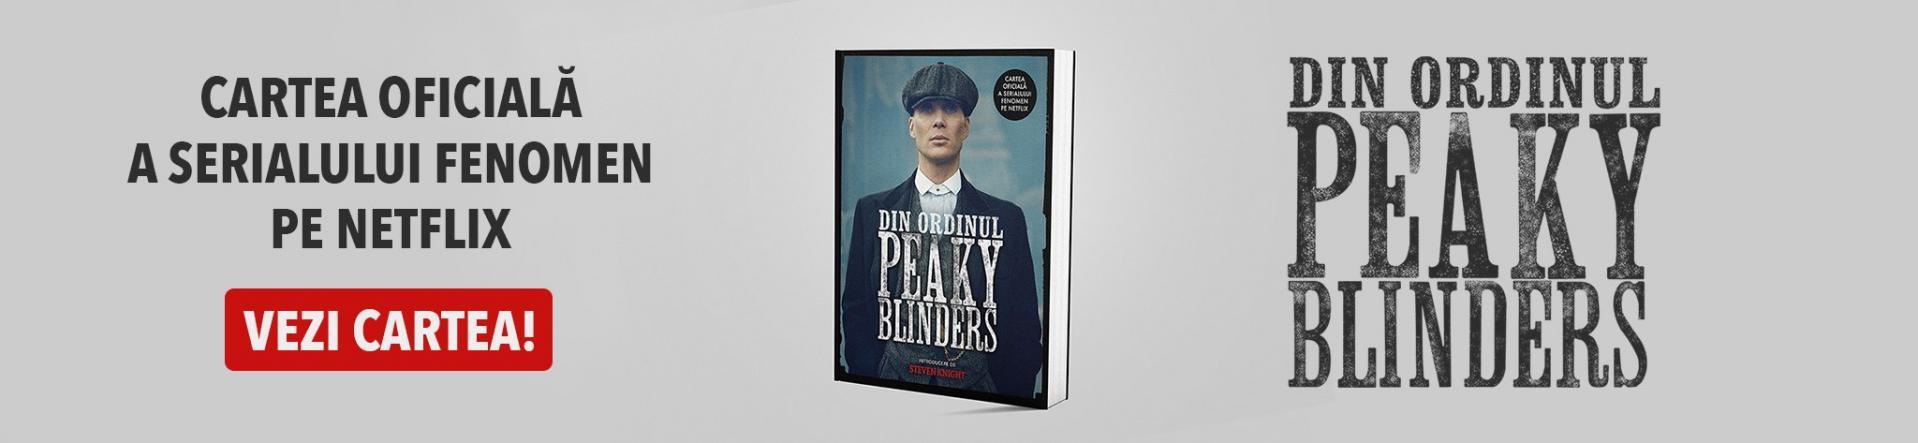 Peaky Blinders - Desktop